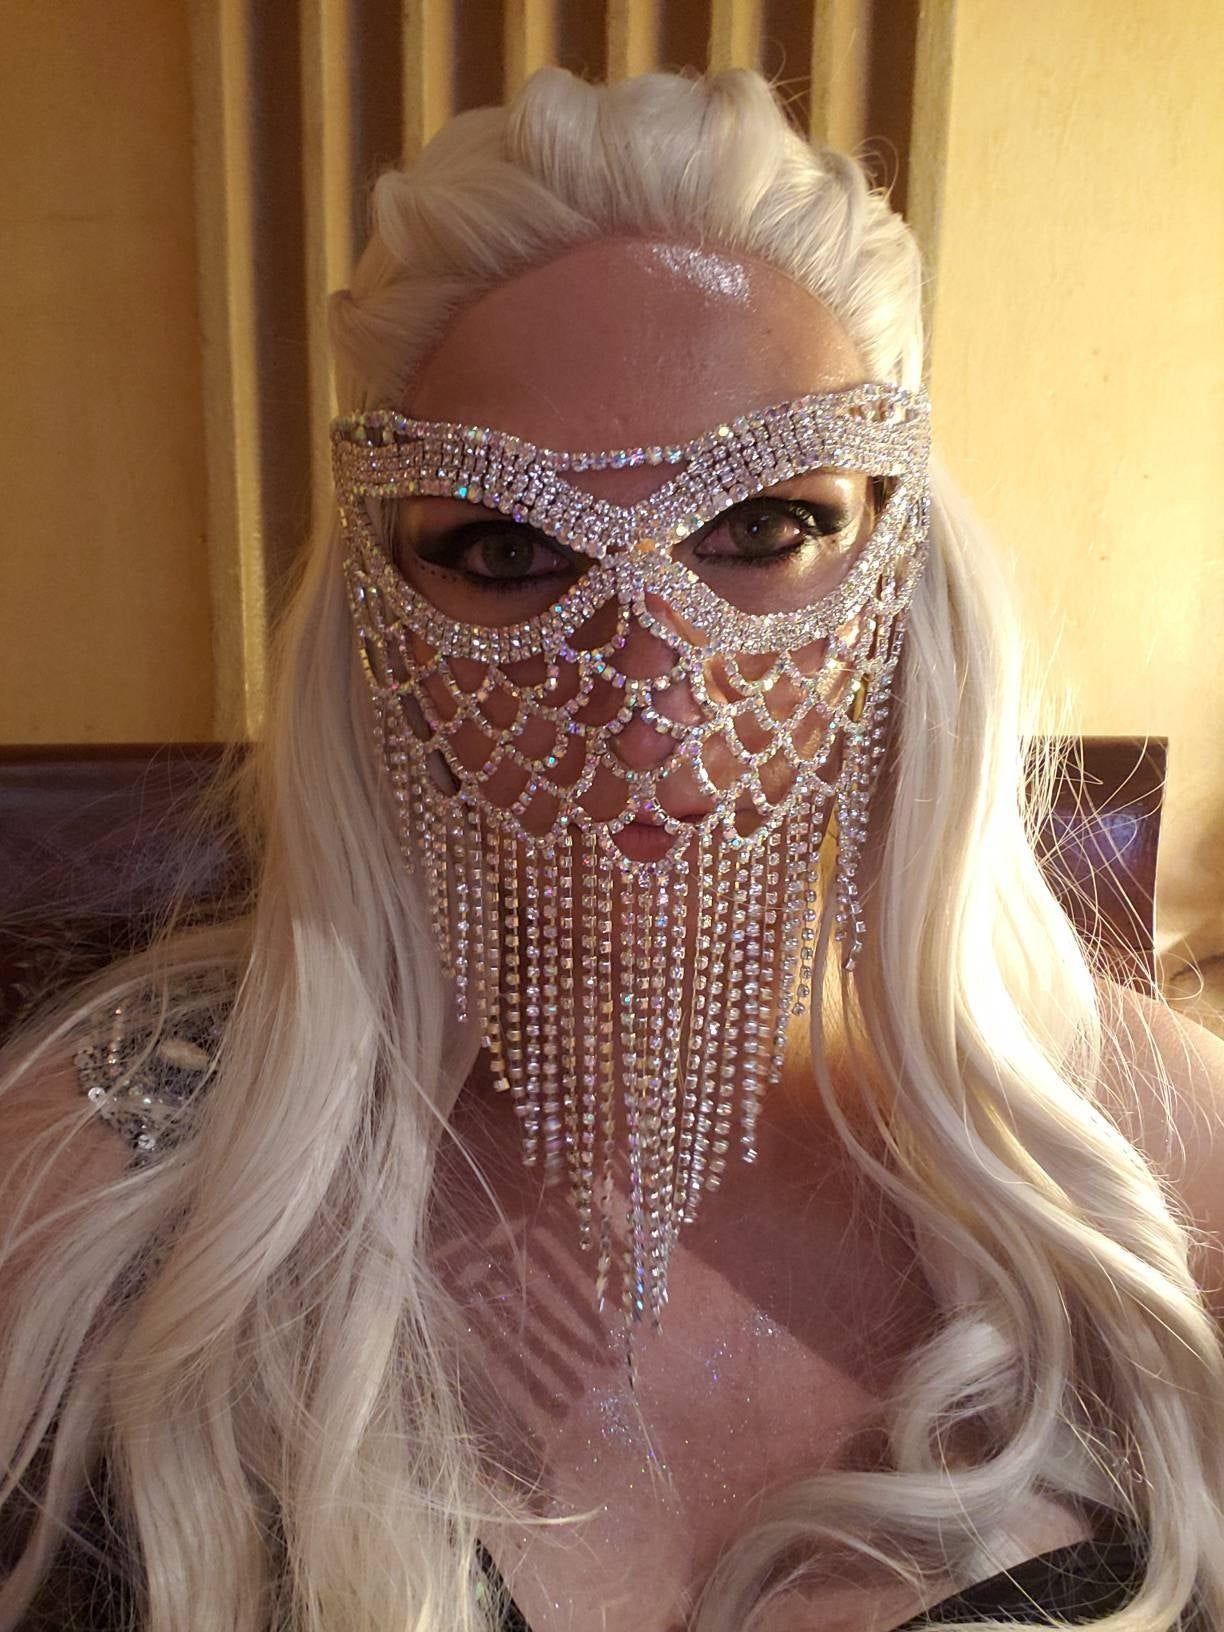 Photo of Silver Rhinestone Mask Prom Mask Masquerade Face Mask Birthday Mask Mardi Gras Mask Wedding mask New Years Eve Bridal Headpiece